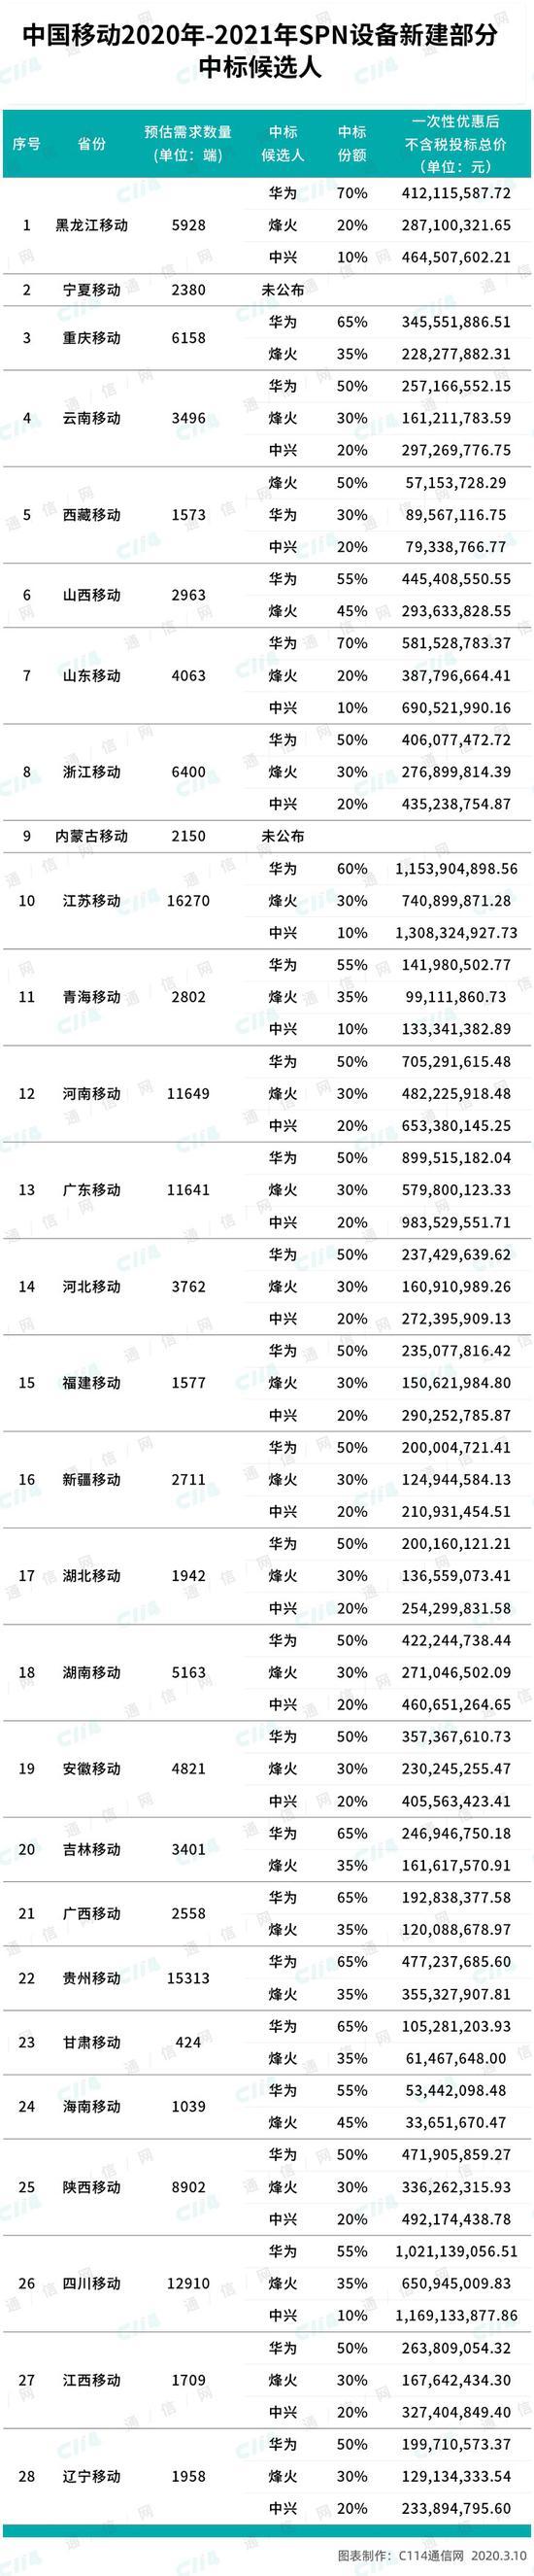 中国移动公布SPN集采候选人:华为、烽火、中兴入围